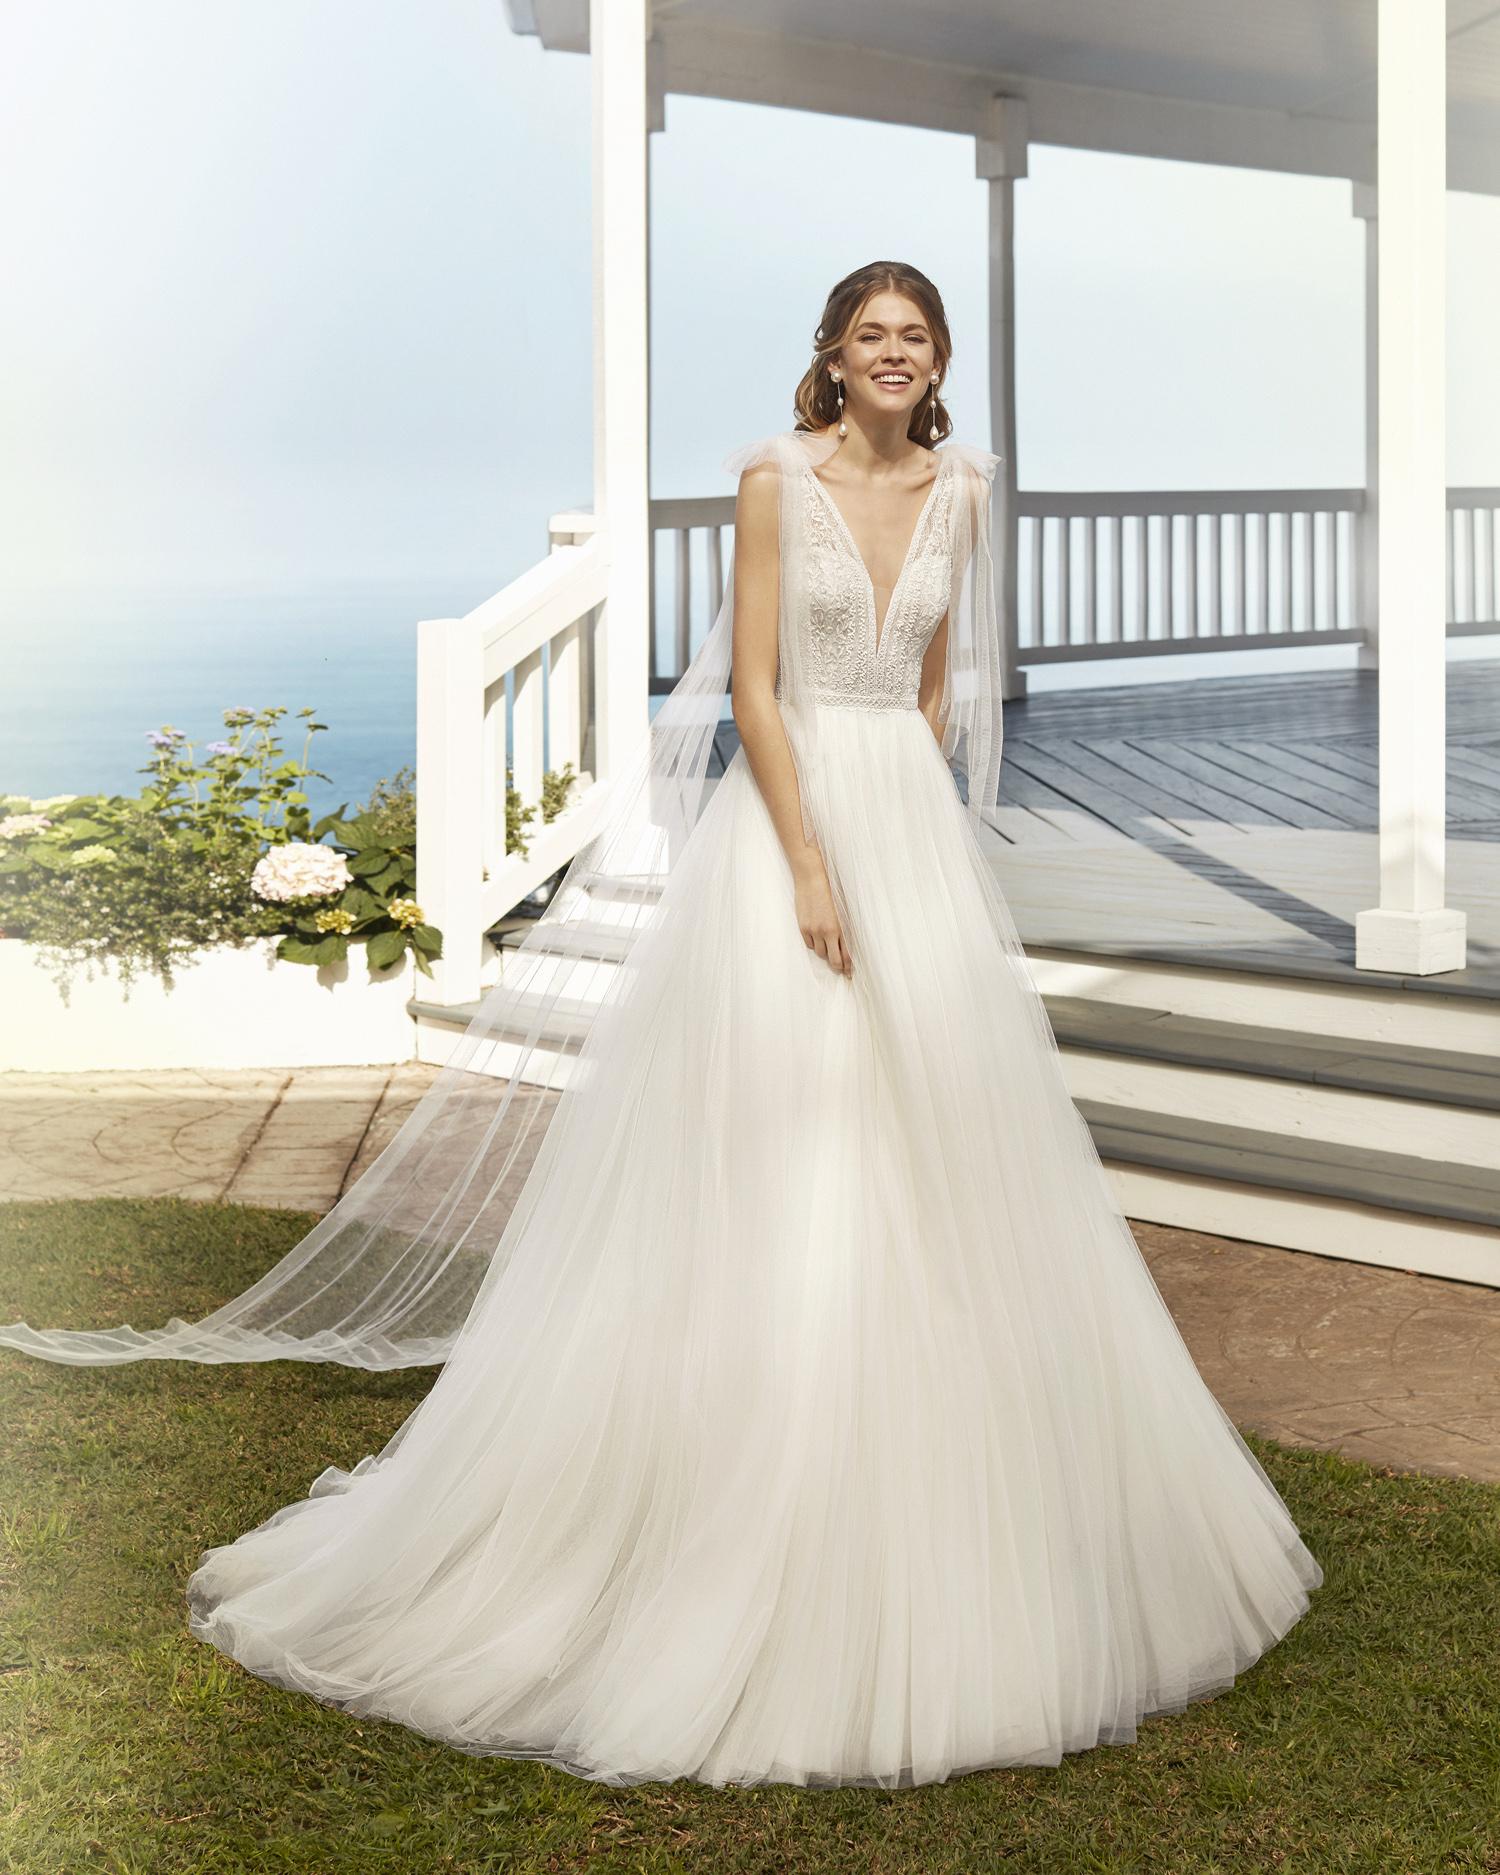 Abiti Da Sposa Rosa Clara.Abito Da Sposa Rosa Clara 2020 Corot Mariages It Abiti Sposa